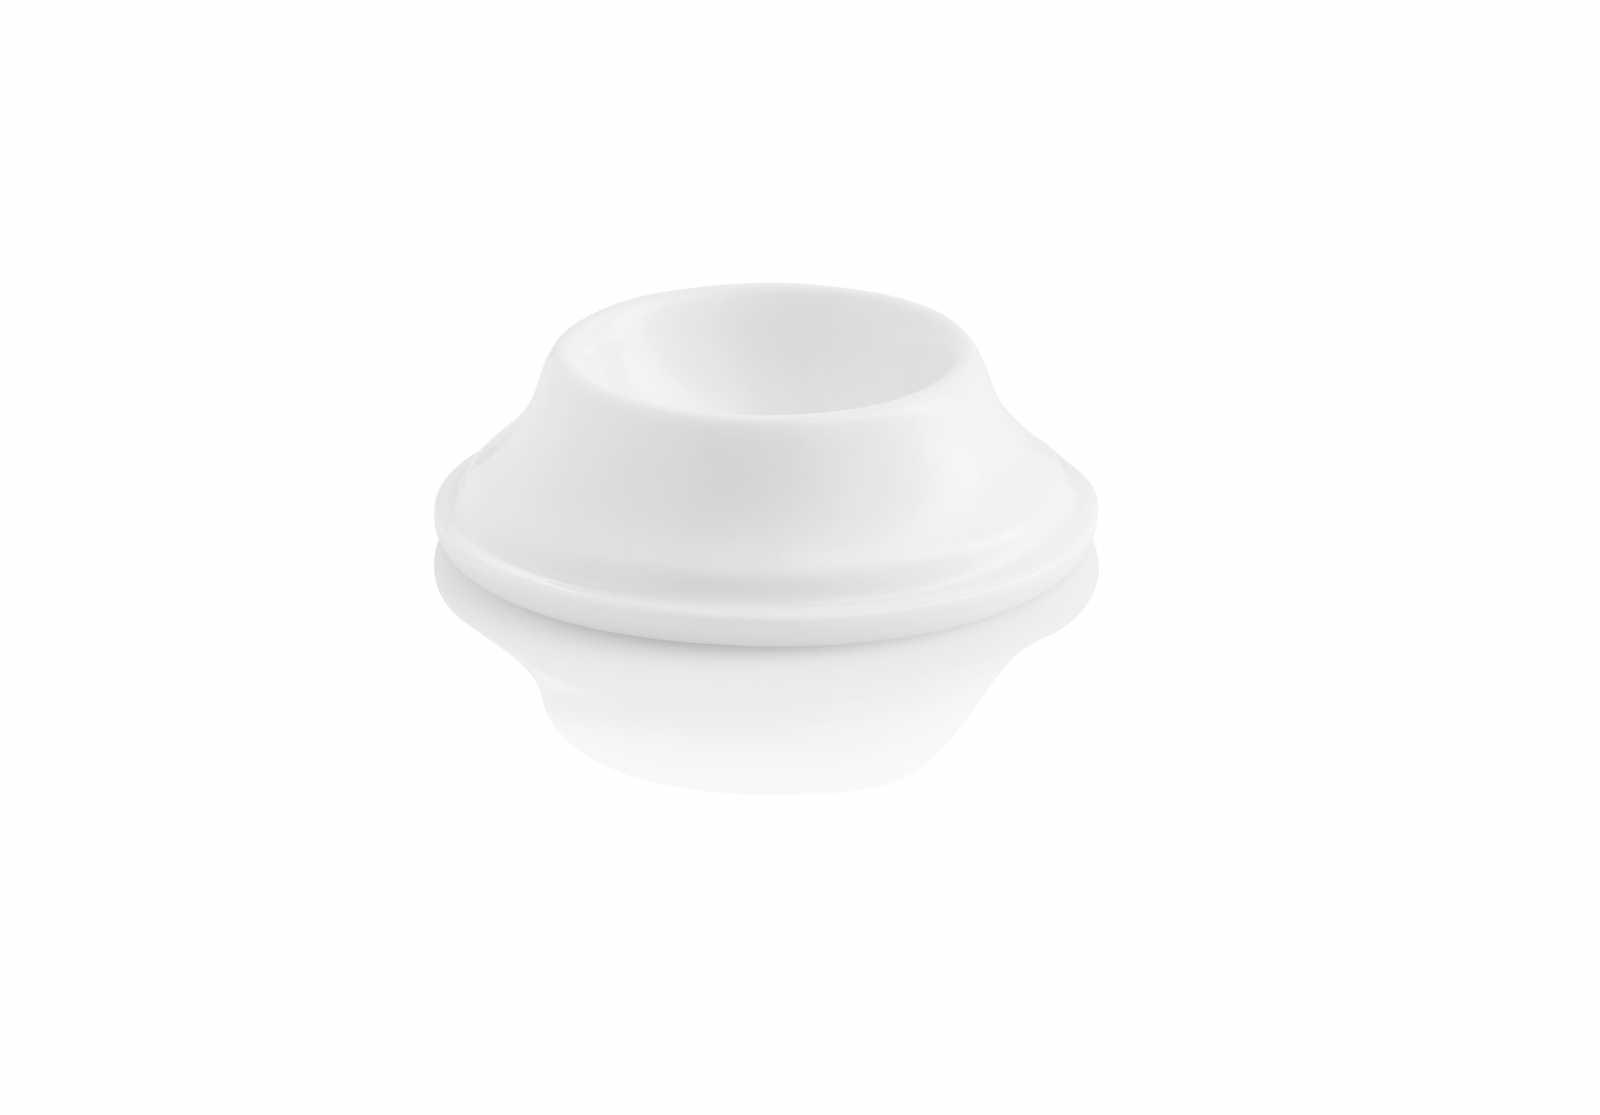 Онлайн каталог PROMENU: Подставка для яйца фарфоровая Aida Enso, высота 6,8 см, диаметр 2,1 см, белая                                   17105